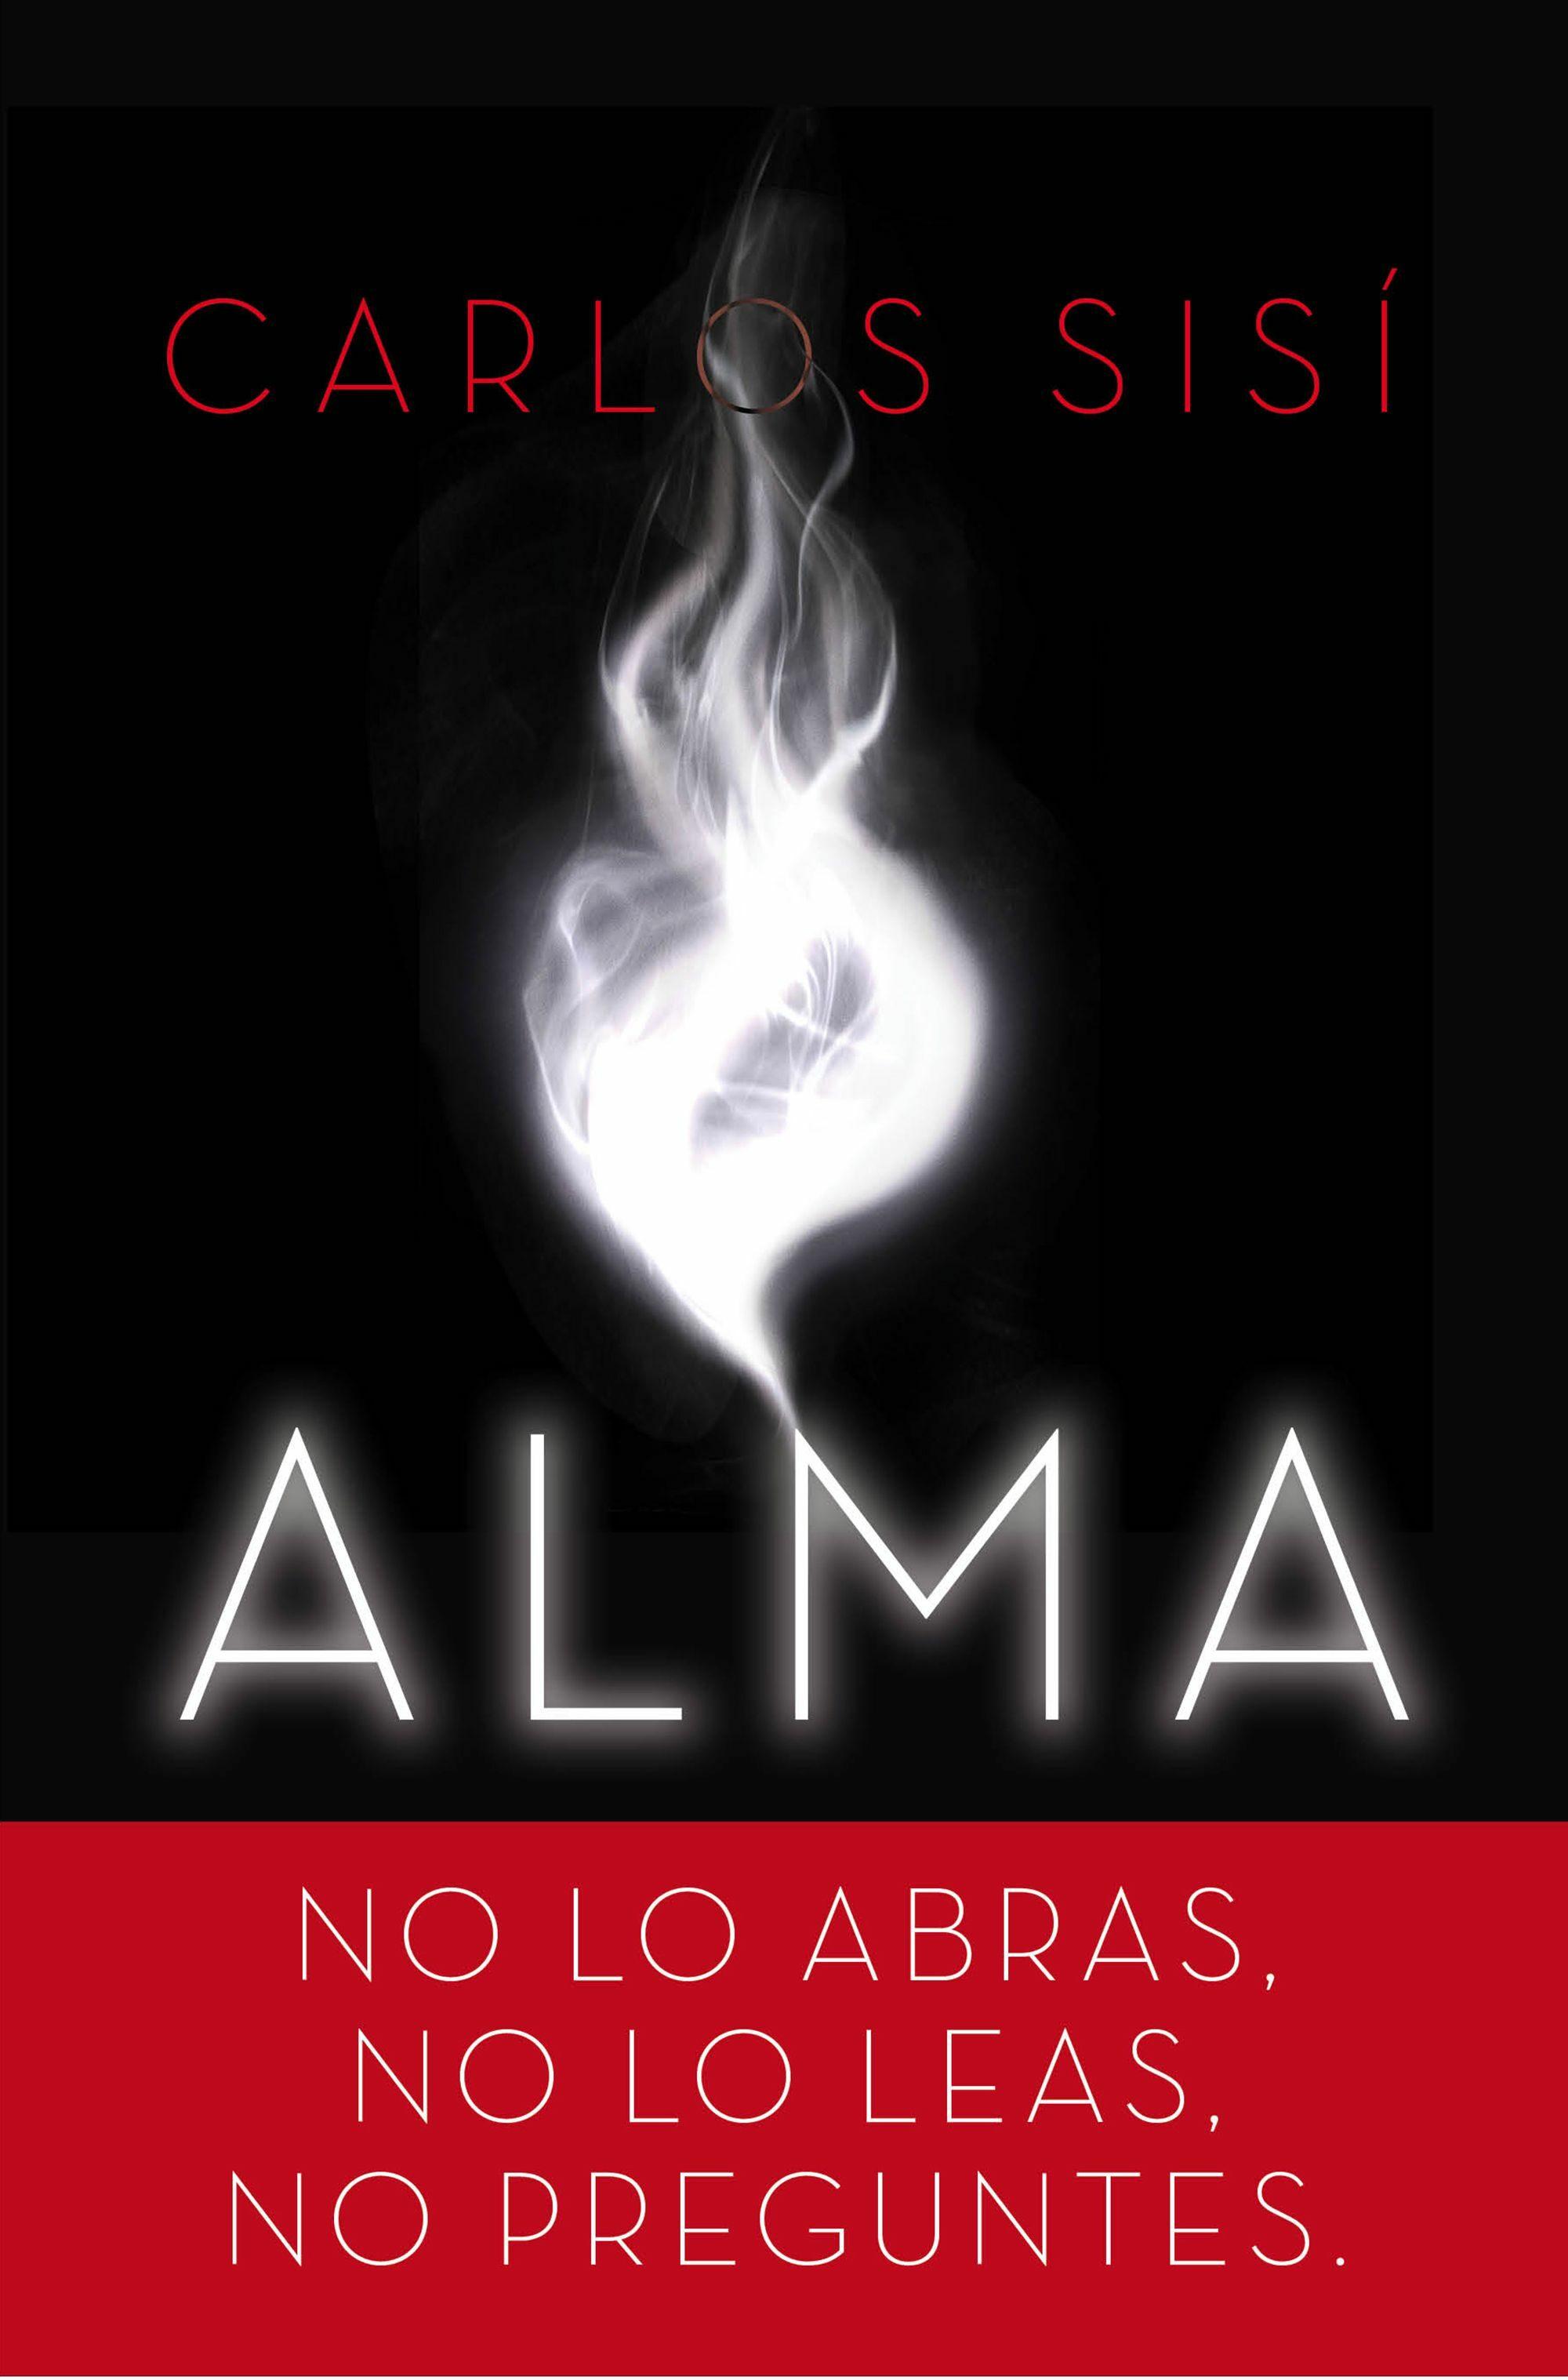 alma-carlos sisi cavia-9788445002919